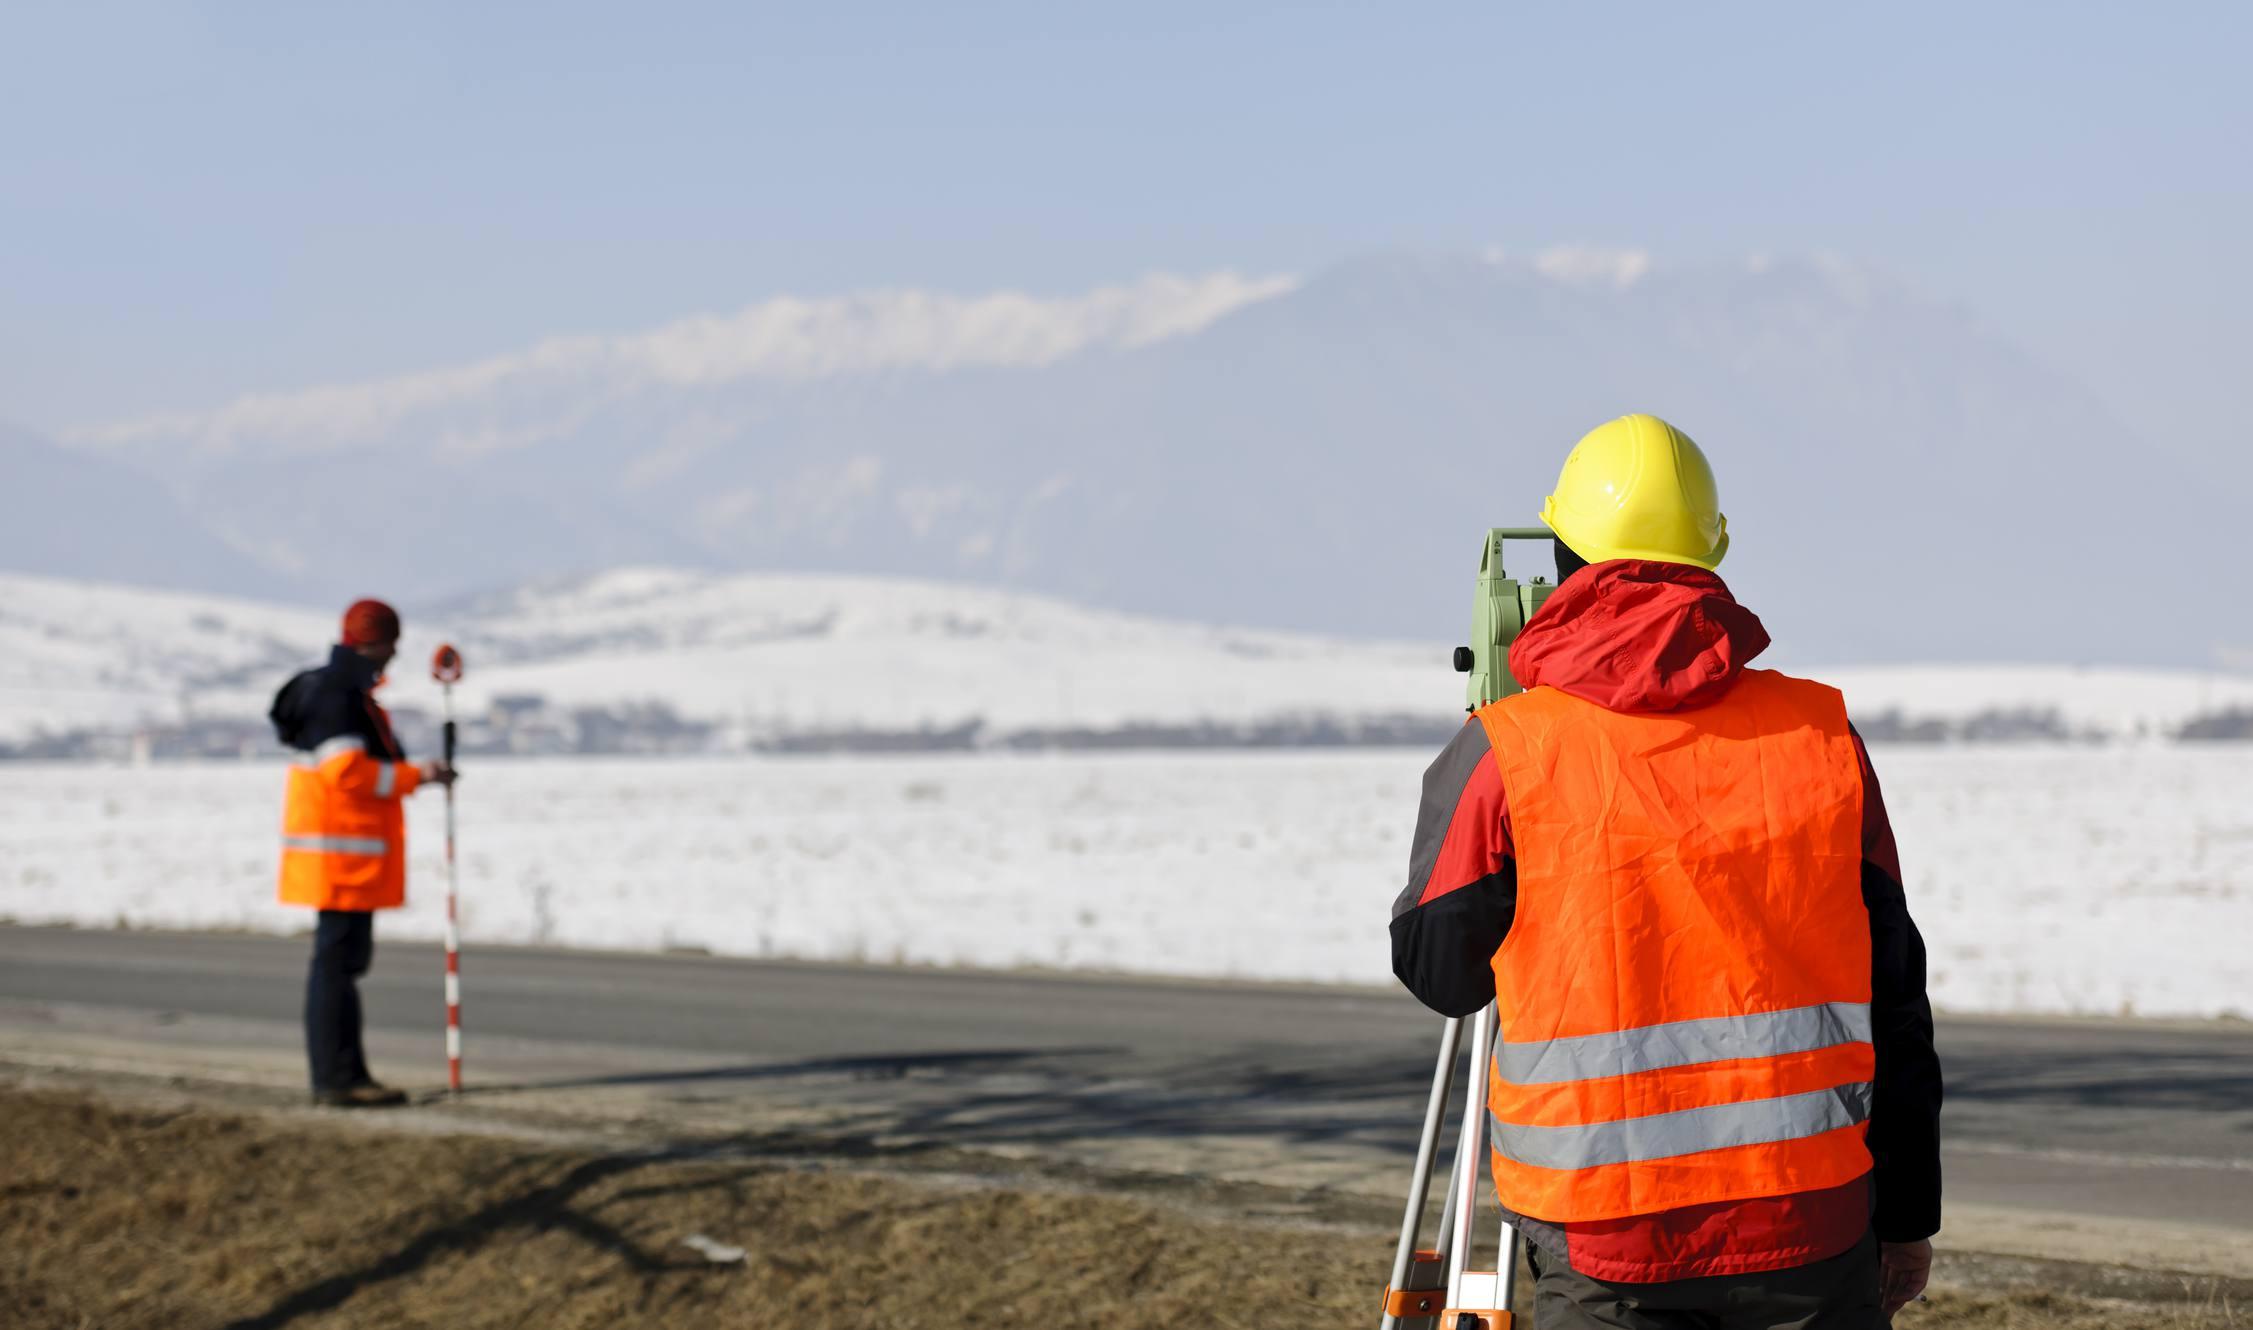 land surveyor working in winter field